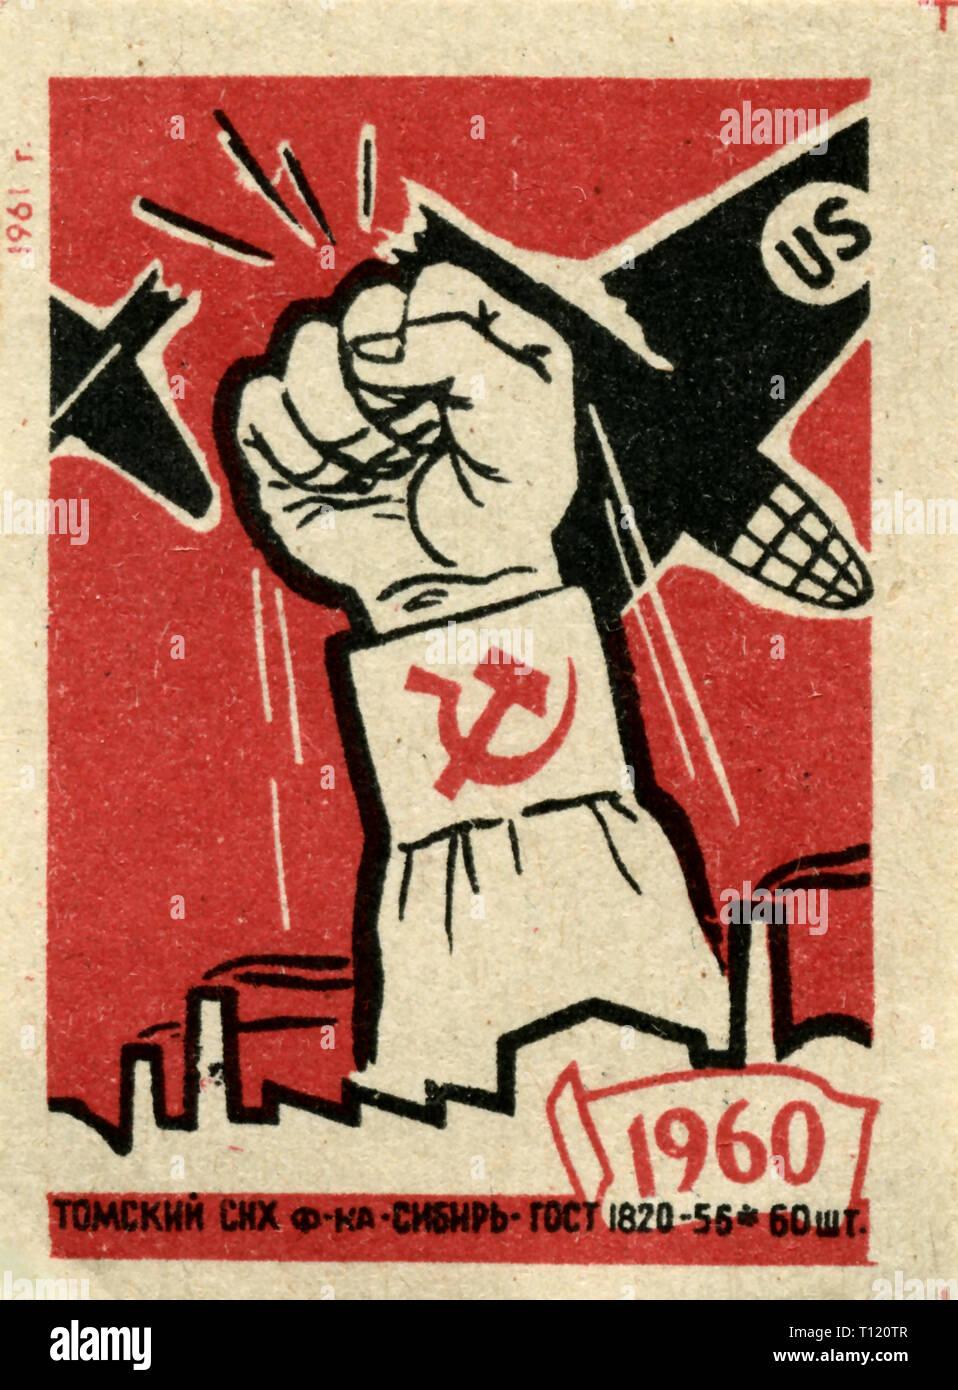 Russia - 1961: Unione Sovietica matchbox collezione di grafica, la guerra fredda Immagini Stock